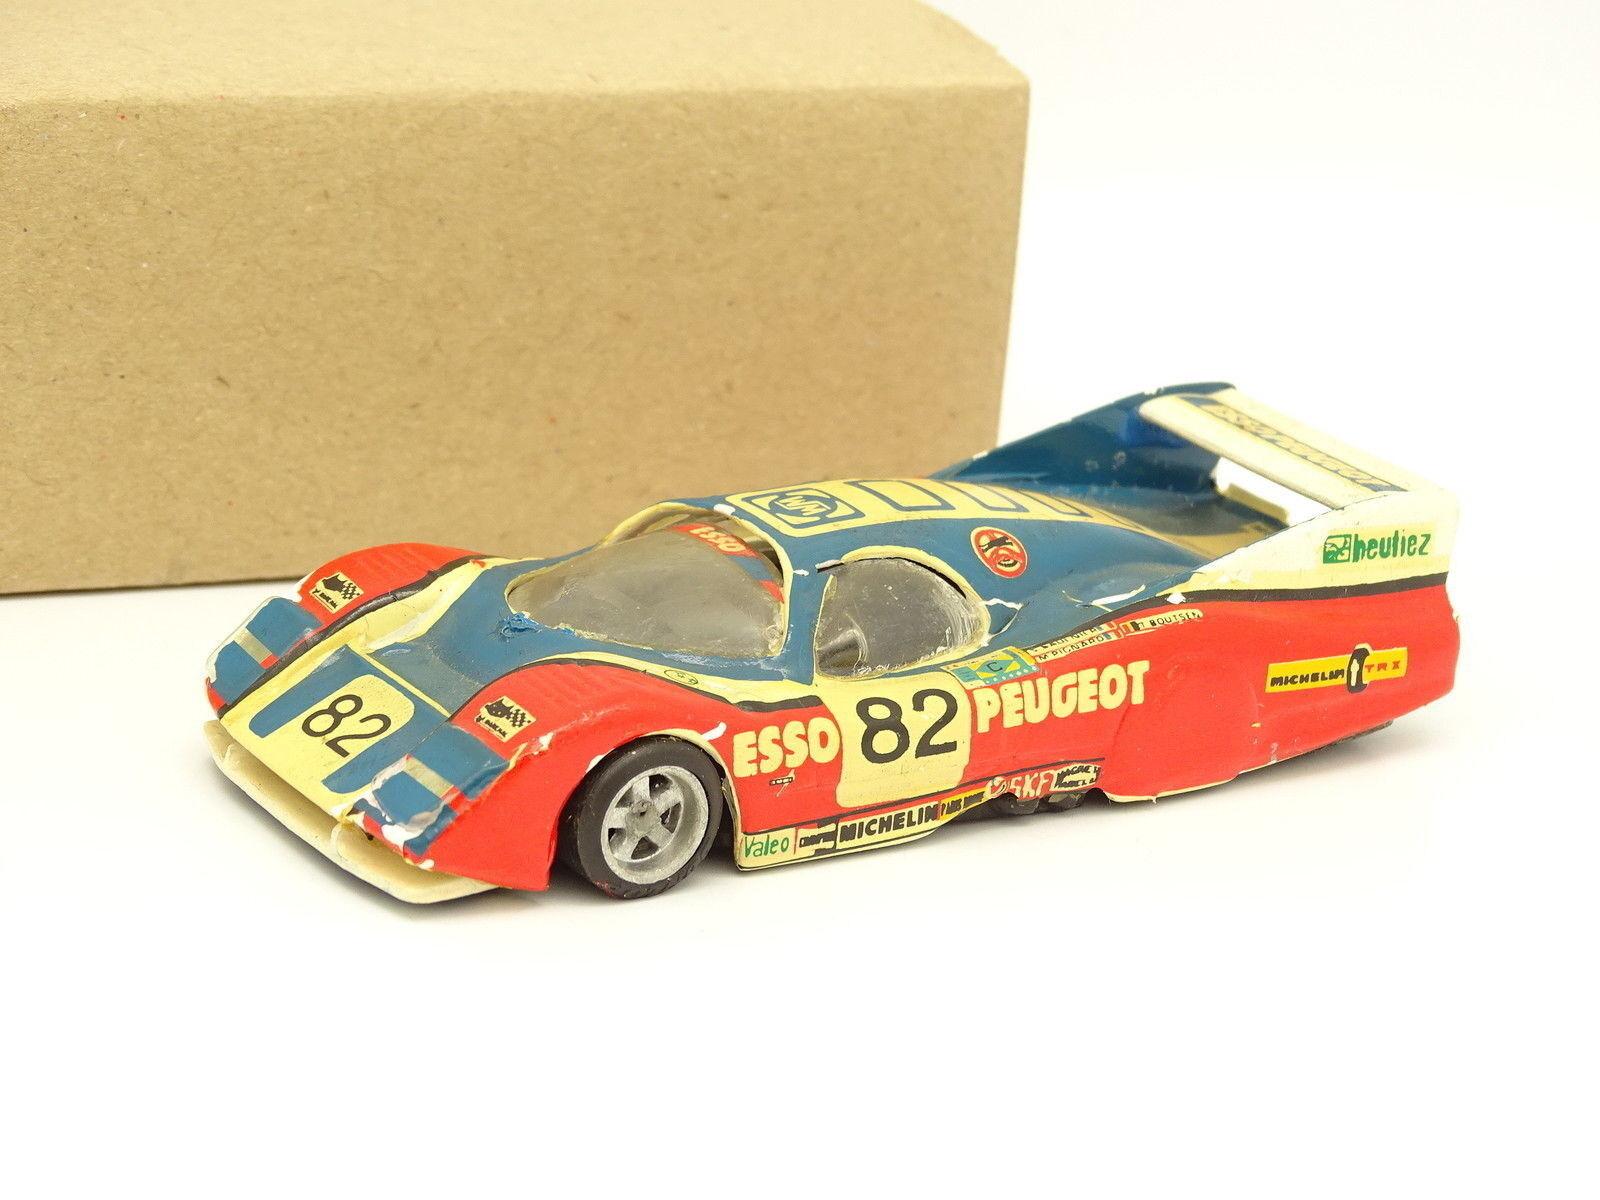 Grand Prix 43 Kit Monté Métal 1 43 - WM Peugeot P81 Groupe C Le Mans 1981